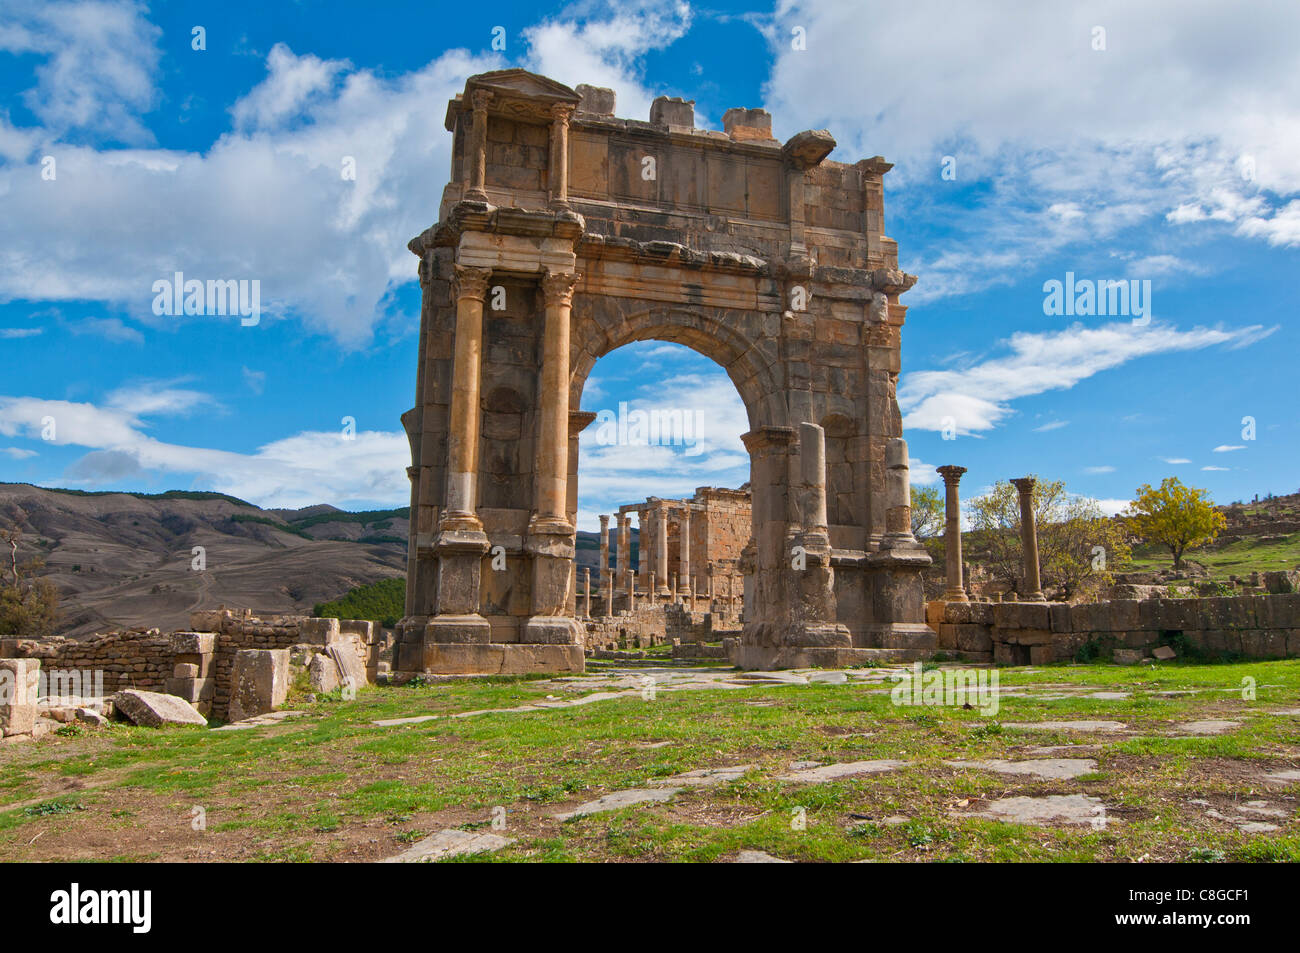 L'Arc de Caracalla sur les ruines romaines de Djemila, Site du patrimoine mondial de l'UNESCO, l'Algérie, Photo Stock